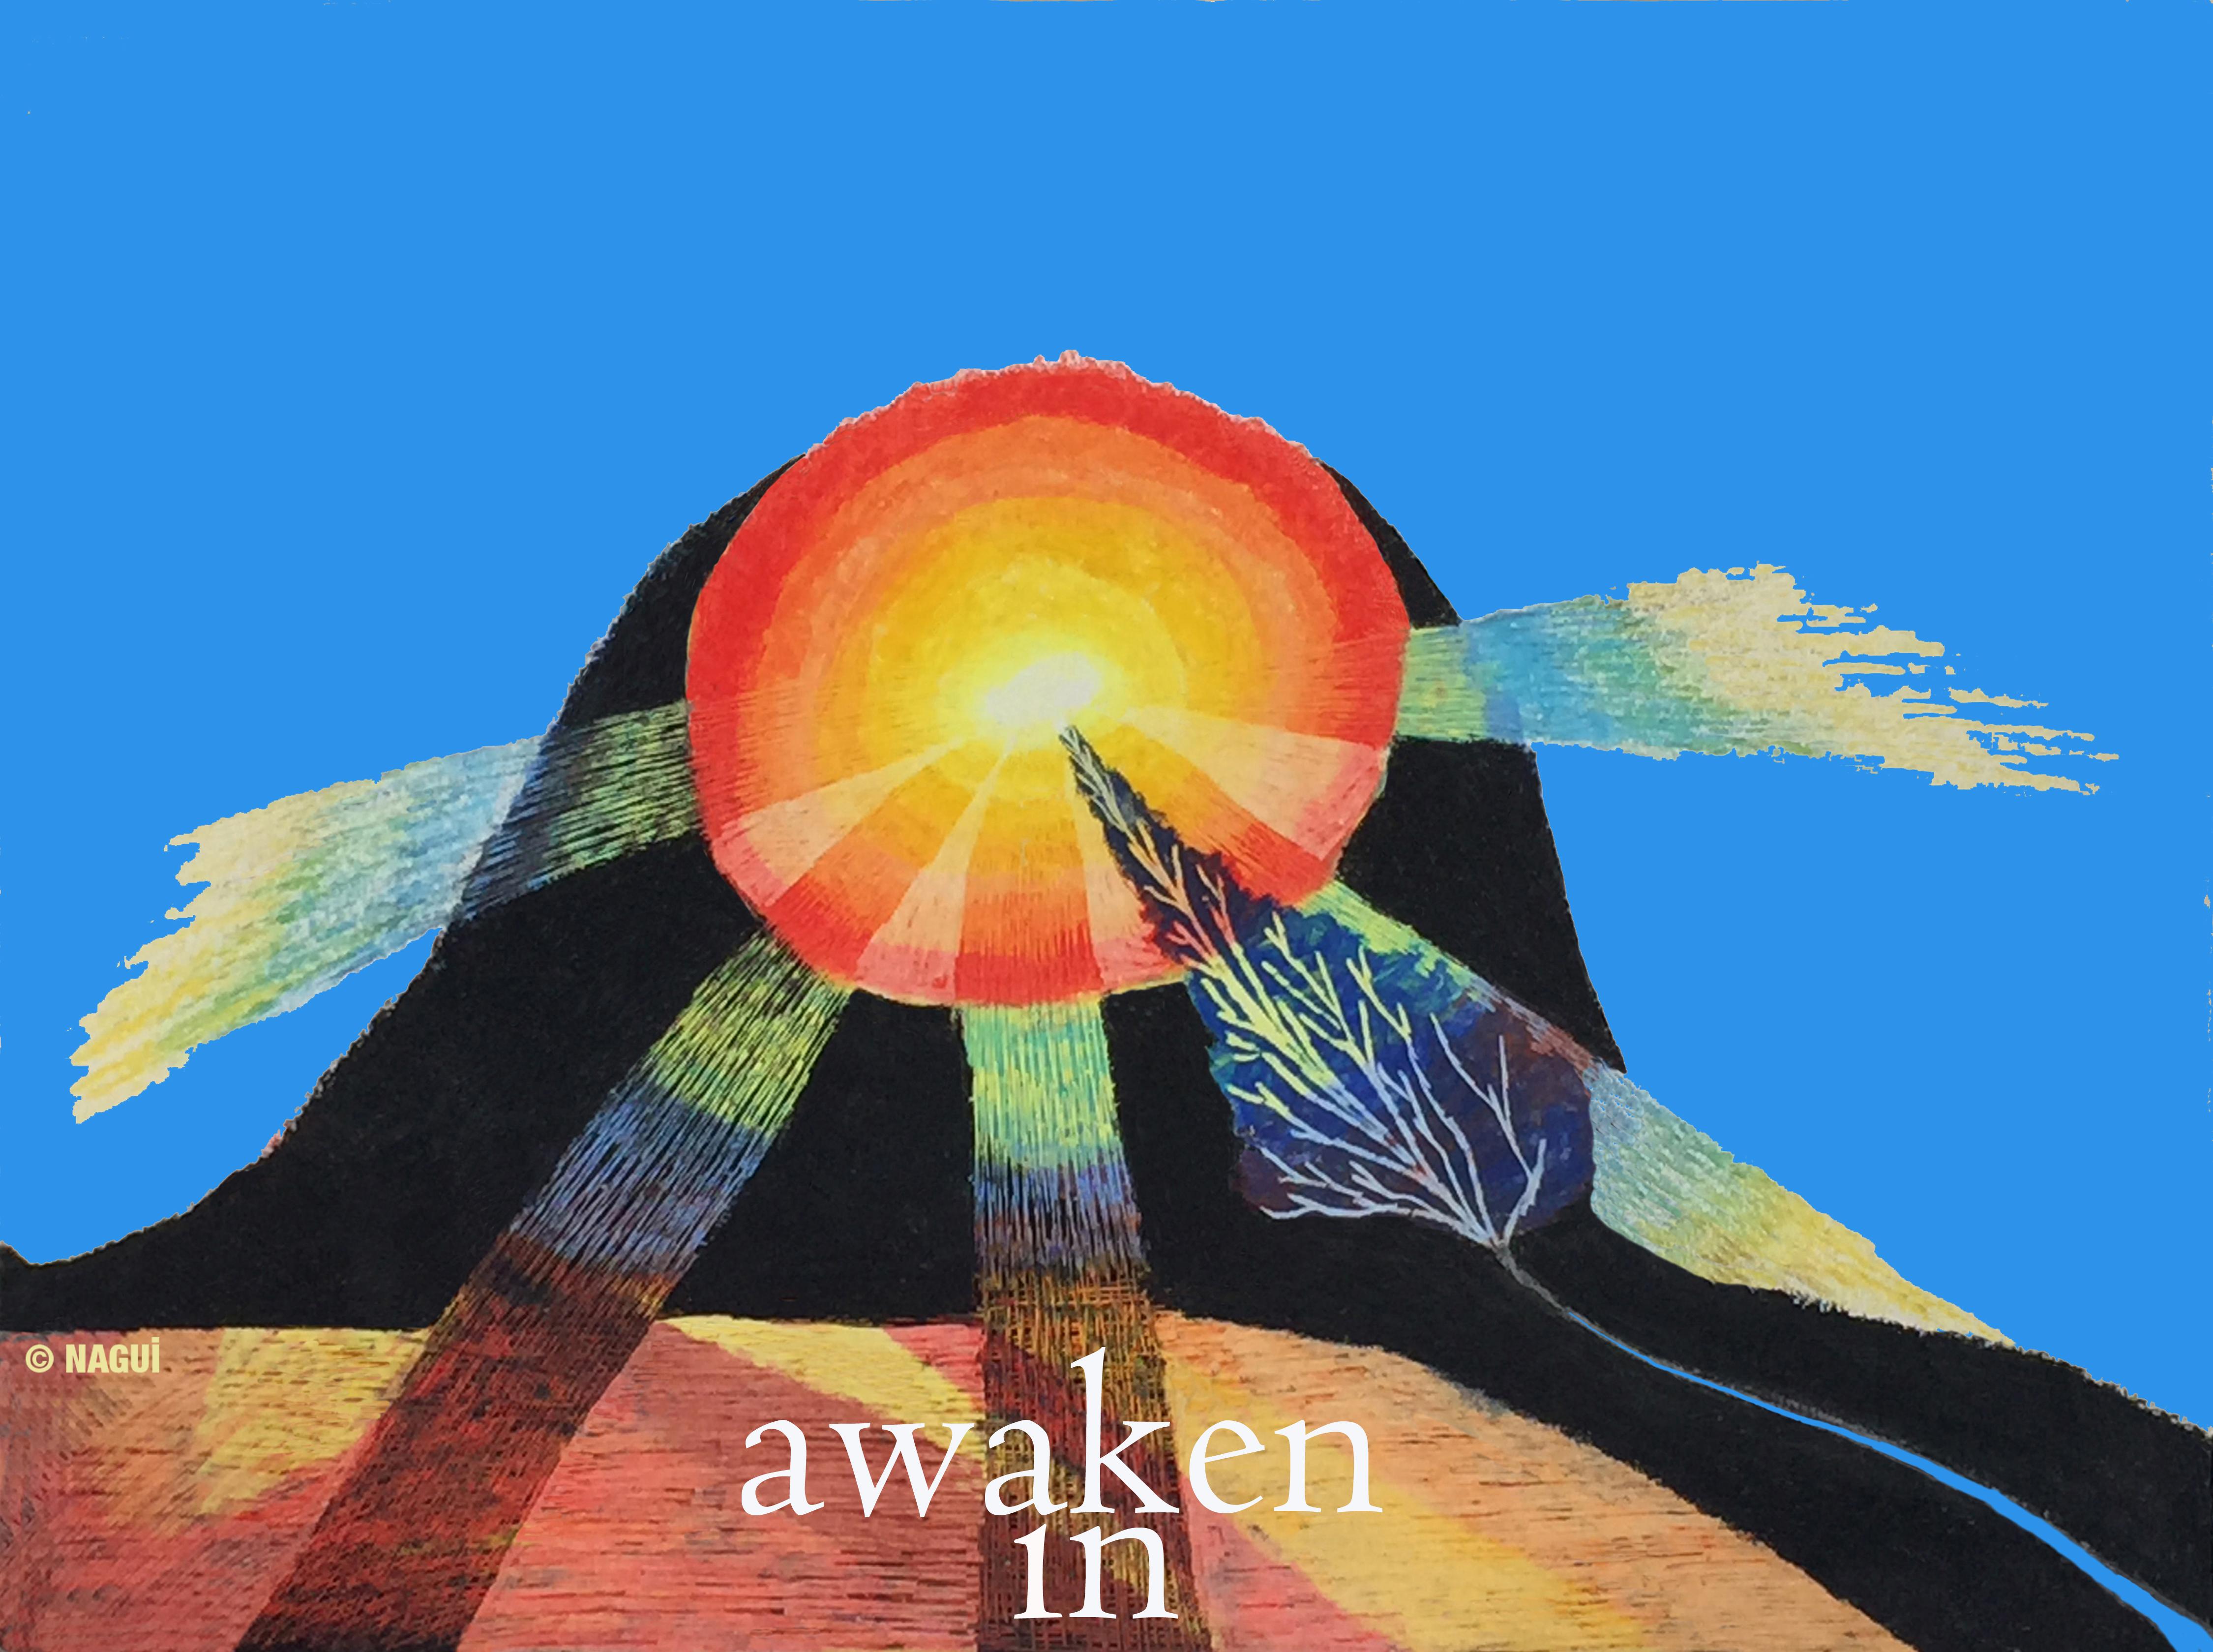 Awaken In